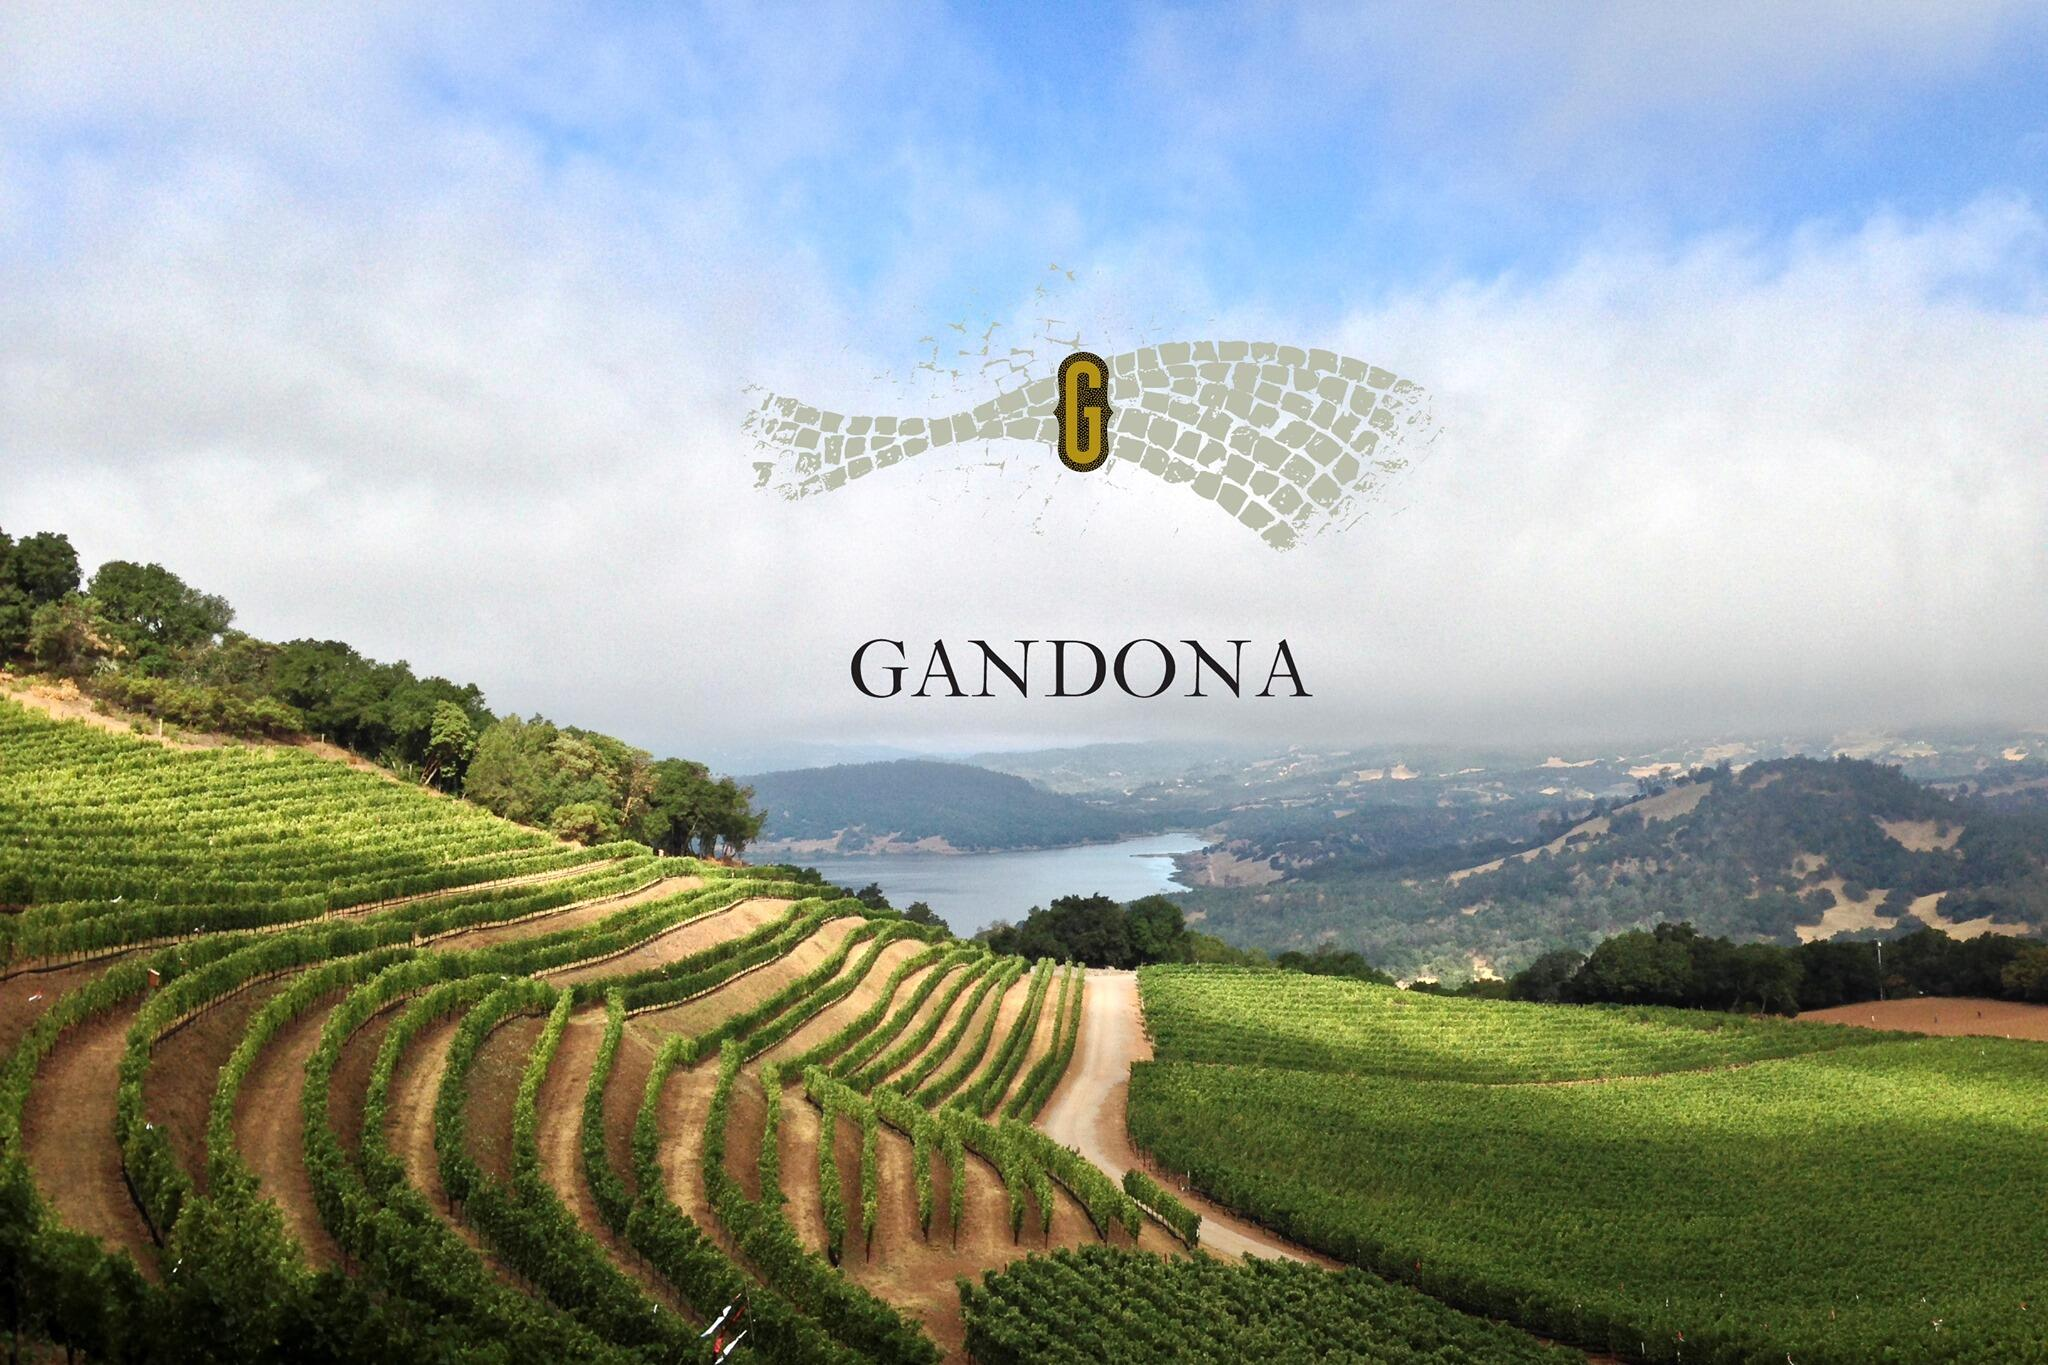 Gandona Estate Cover Image